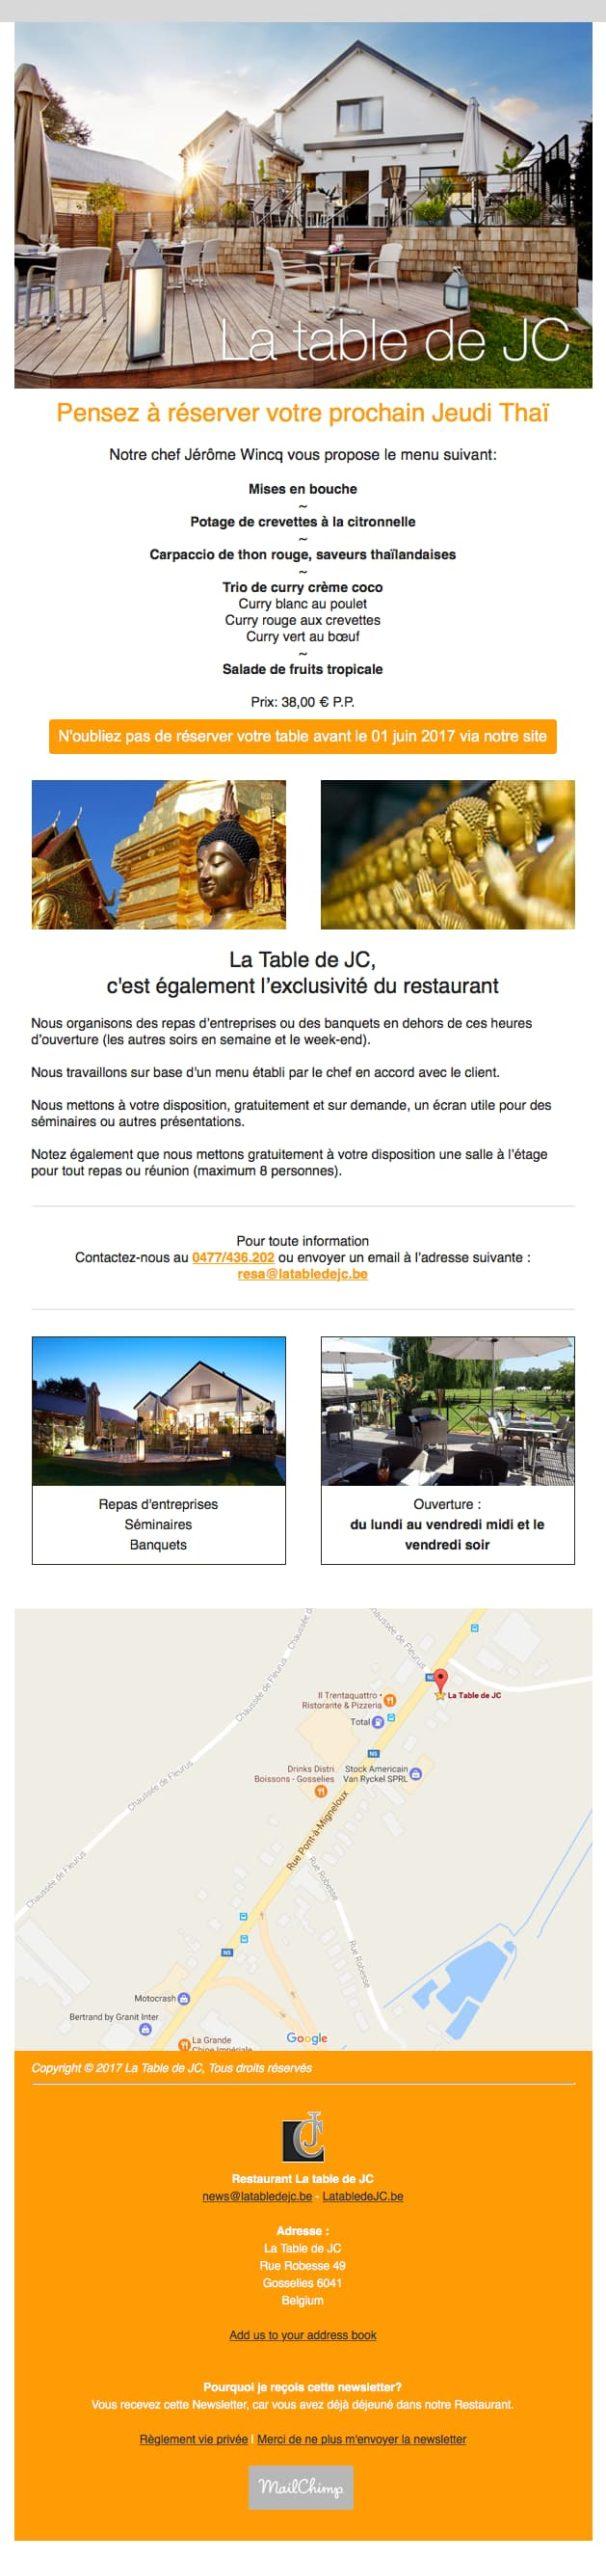 Newsletter restaurant 2 colonnes